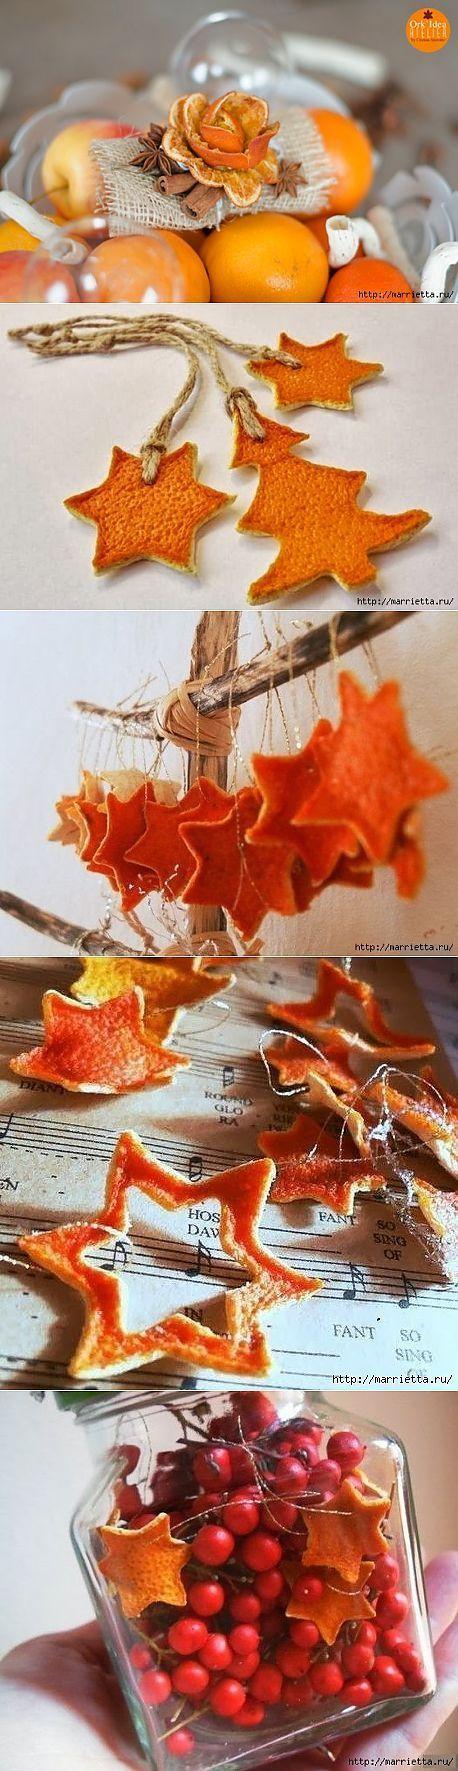 инструкция как сделать поделку ёжика из шишек